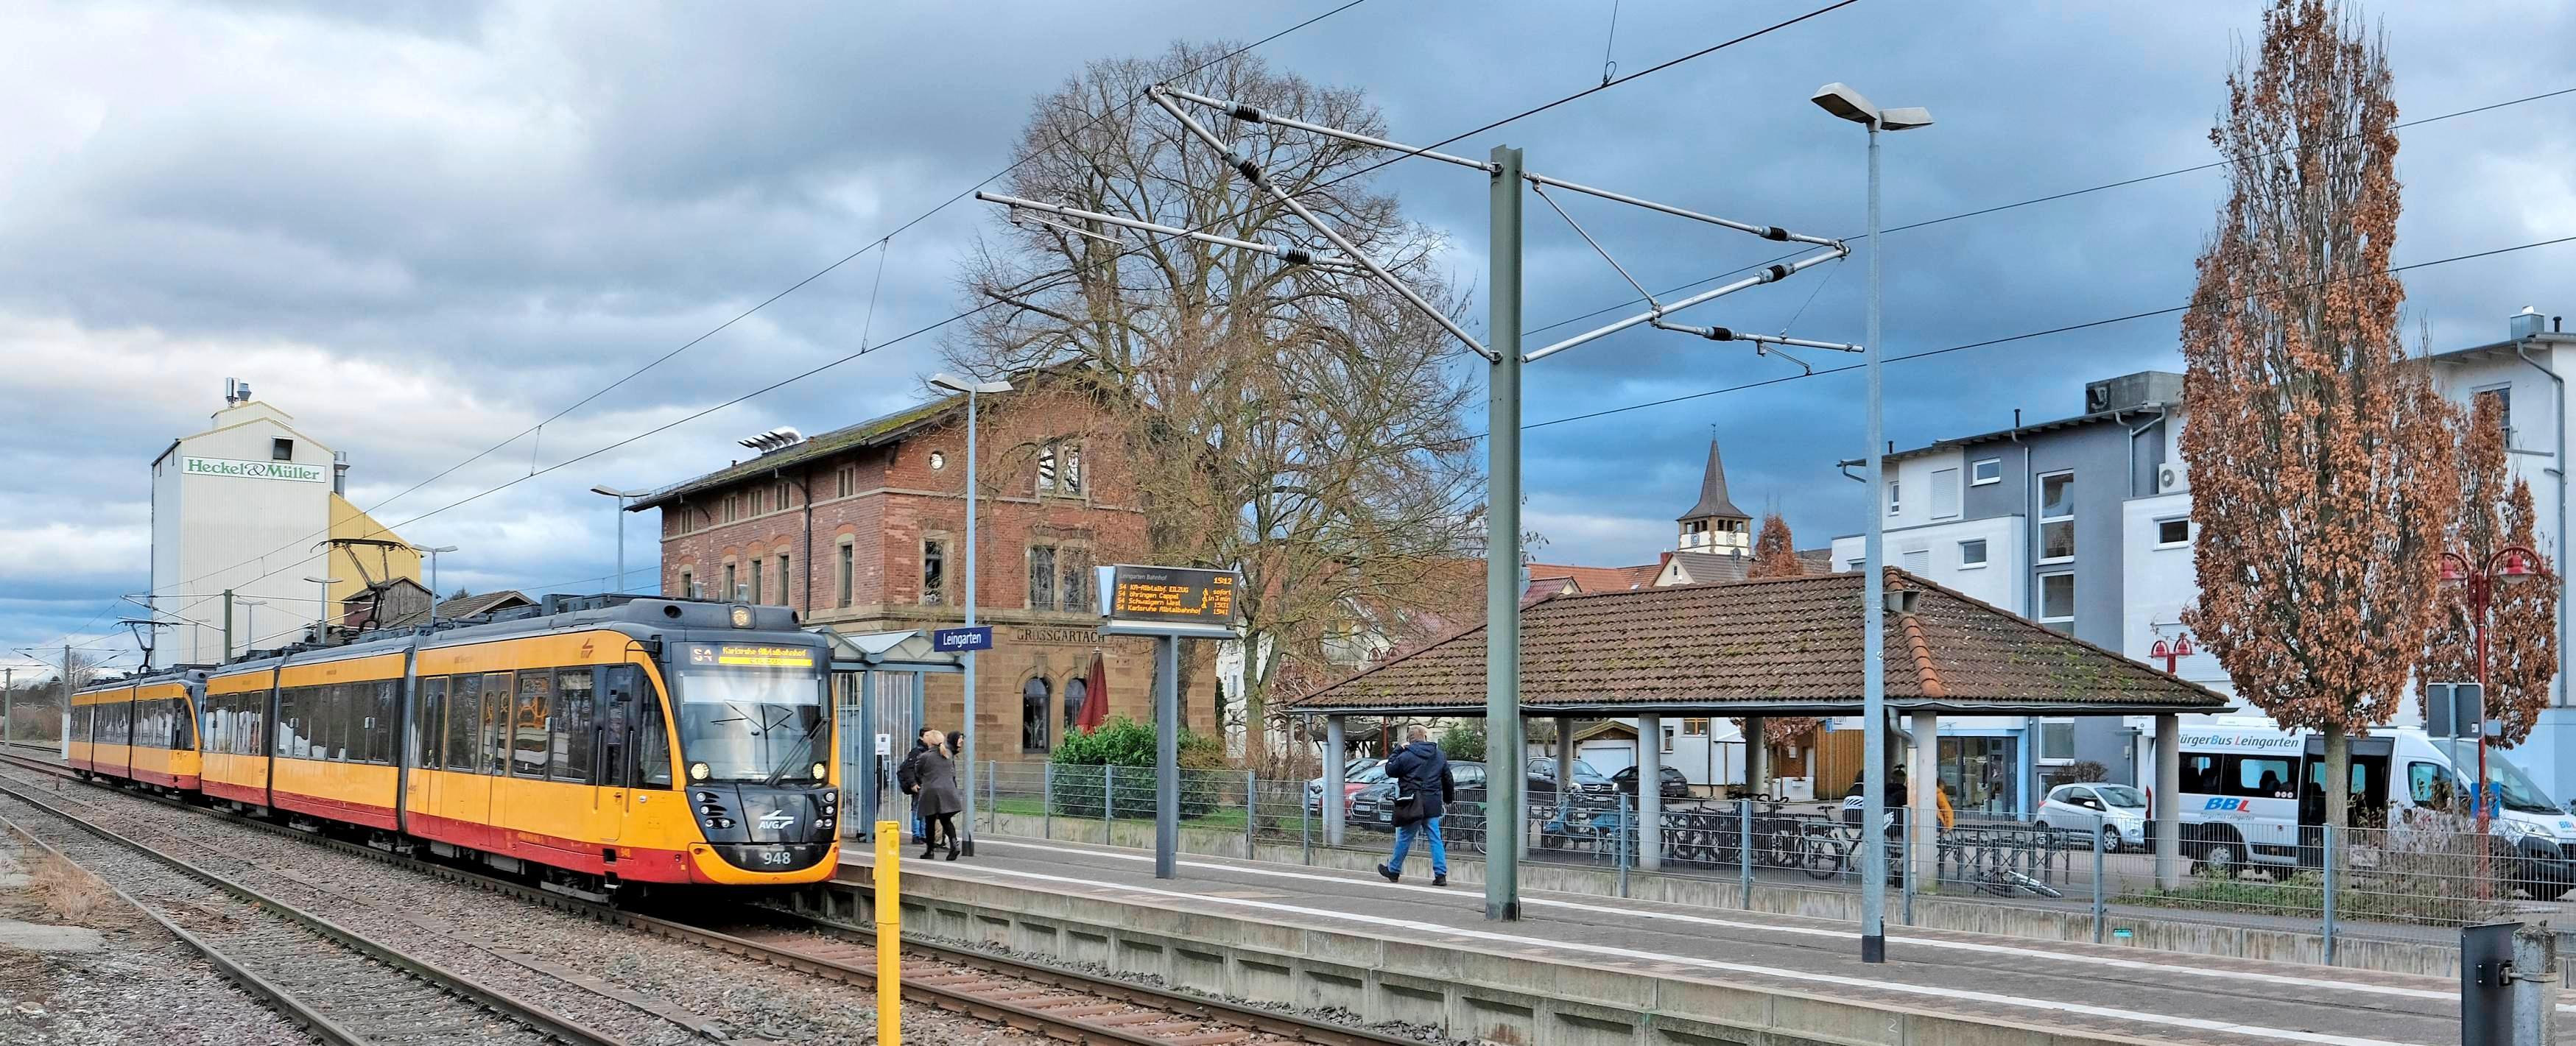 Die Stadtbahn verkehrt zwischen Heilbronn und Karlsruhe. Sie macht Leingarten auch für Pendler zu einer attraktiven Wohngemeinde. Fotos: Dennis Mugler